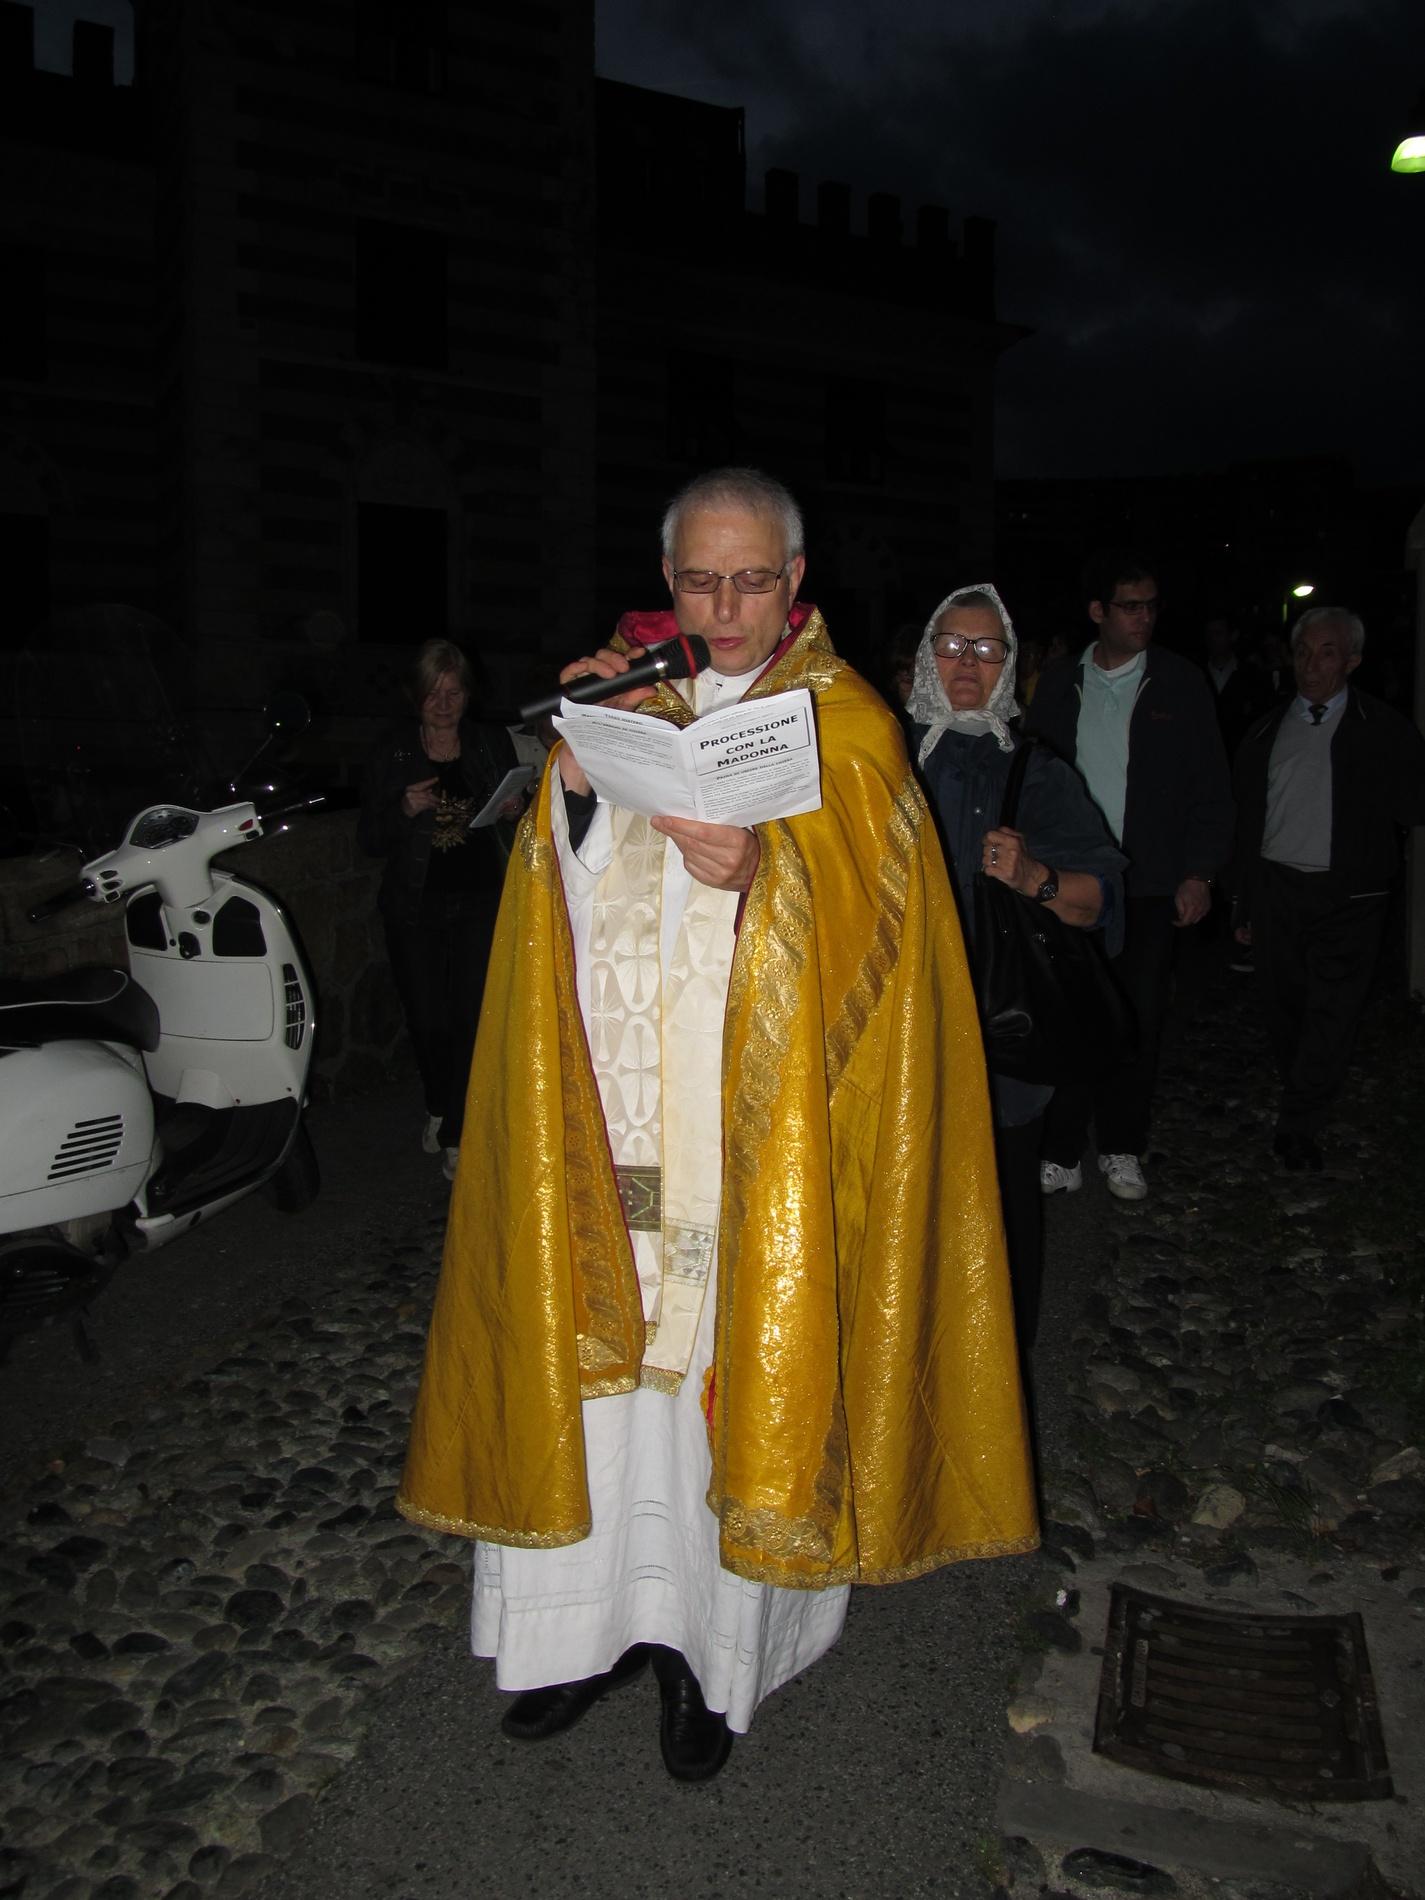 processione-madonna-2015-05-31-21-20-47